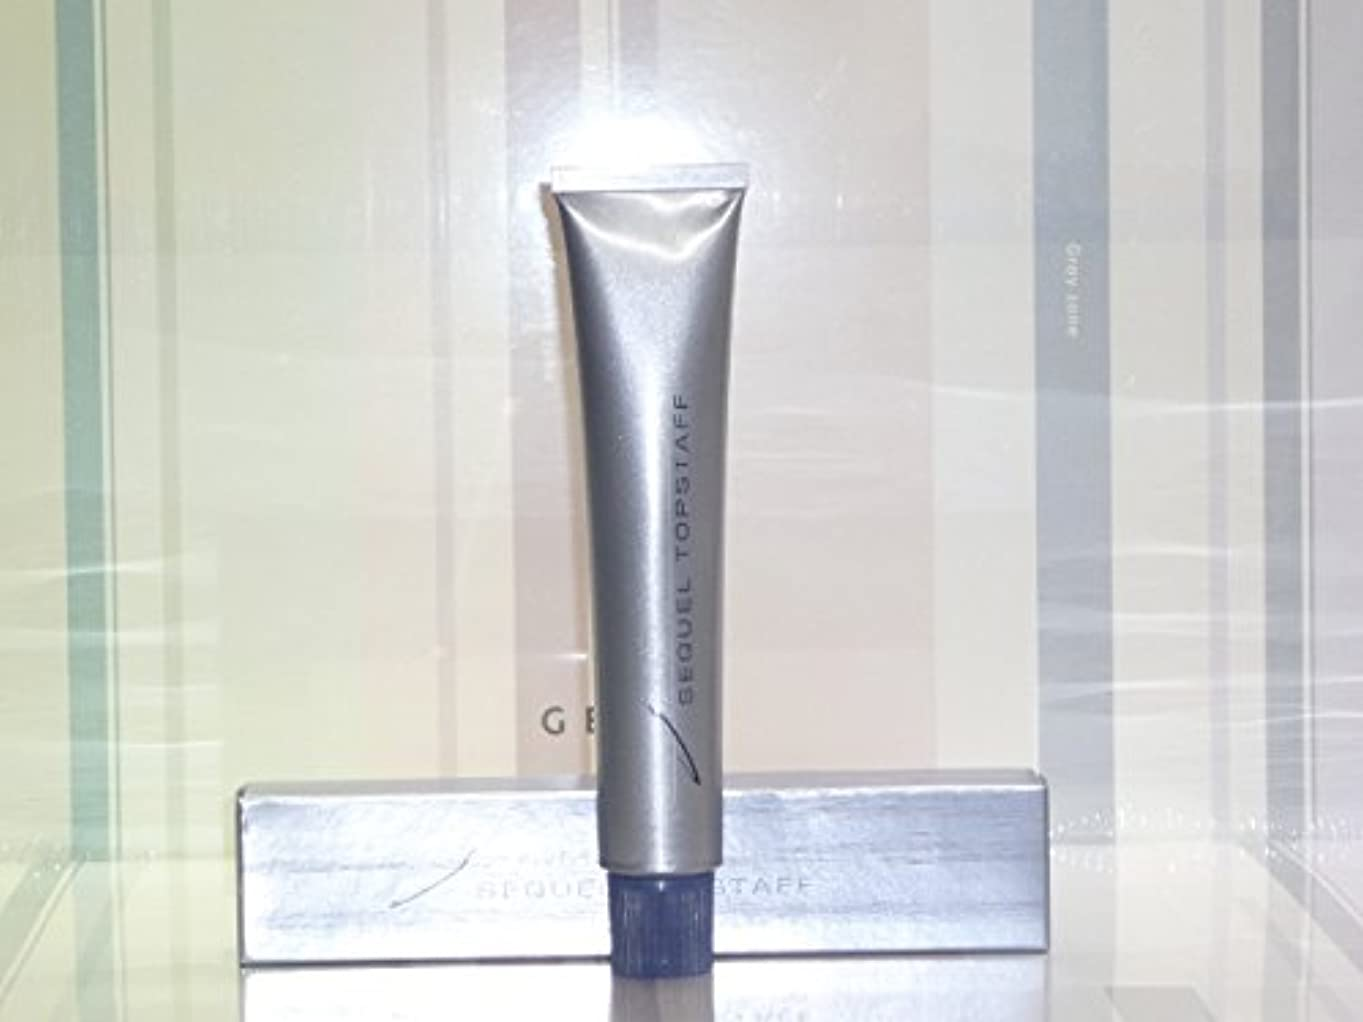 緊張するスピーカーバイナリ資生堂 シークエルトップスタッフF8-18 80g